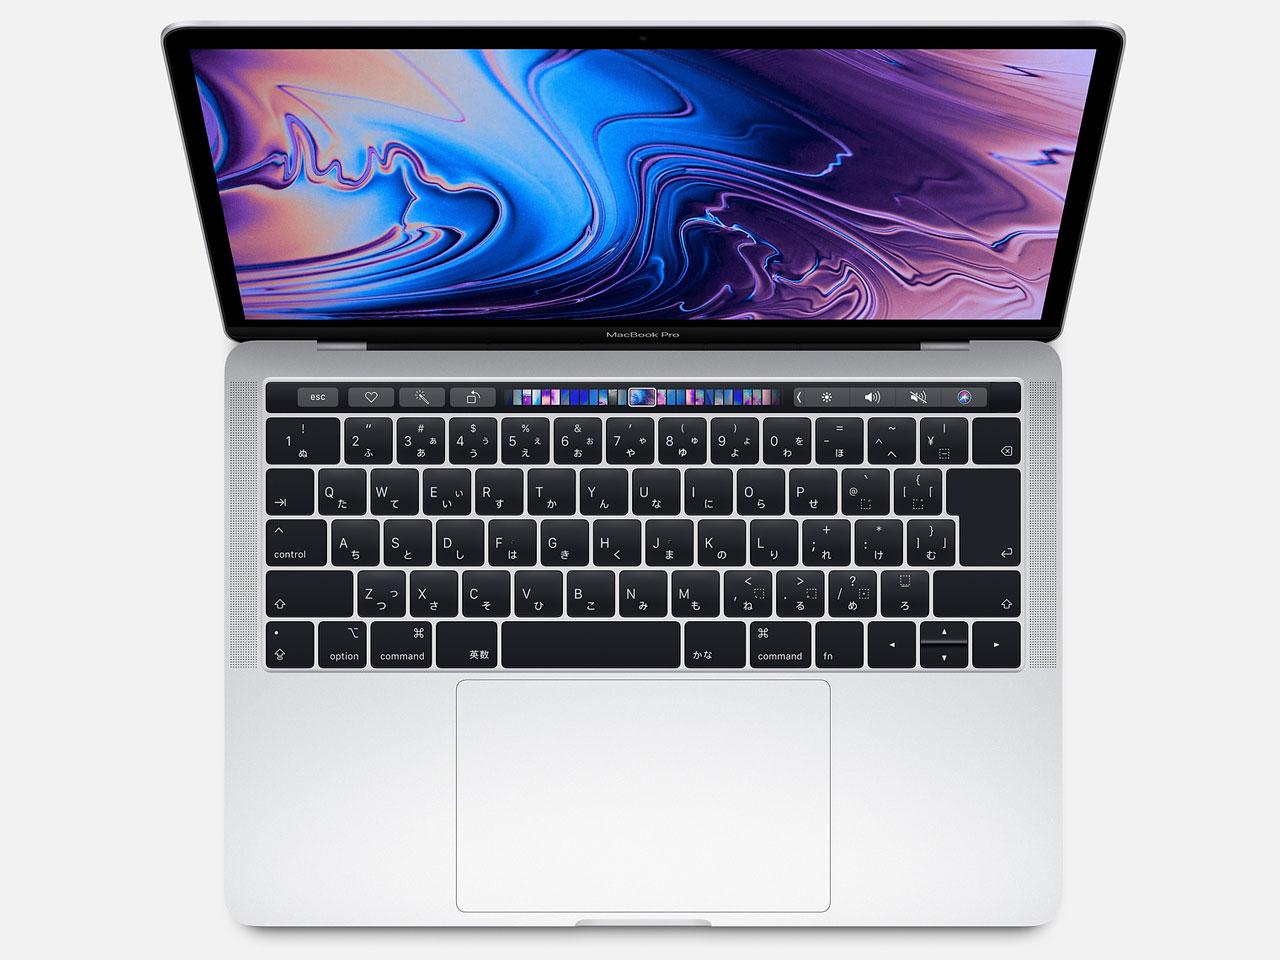 新品 MacBook Pro Retinaディスプレイ 1400 13.3 MUHQ2J A シルバー Apple アップル JAN:4549995077346 粗品 ギフトラッピング ブライダル 母の日 割引セール 売れ行きがよい